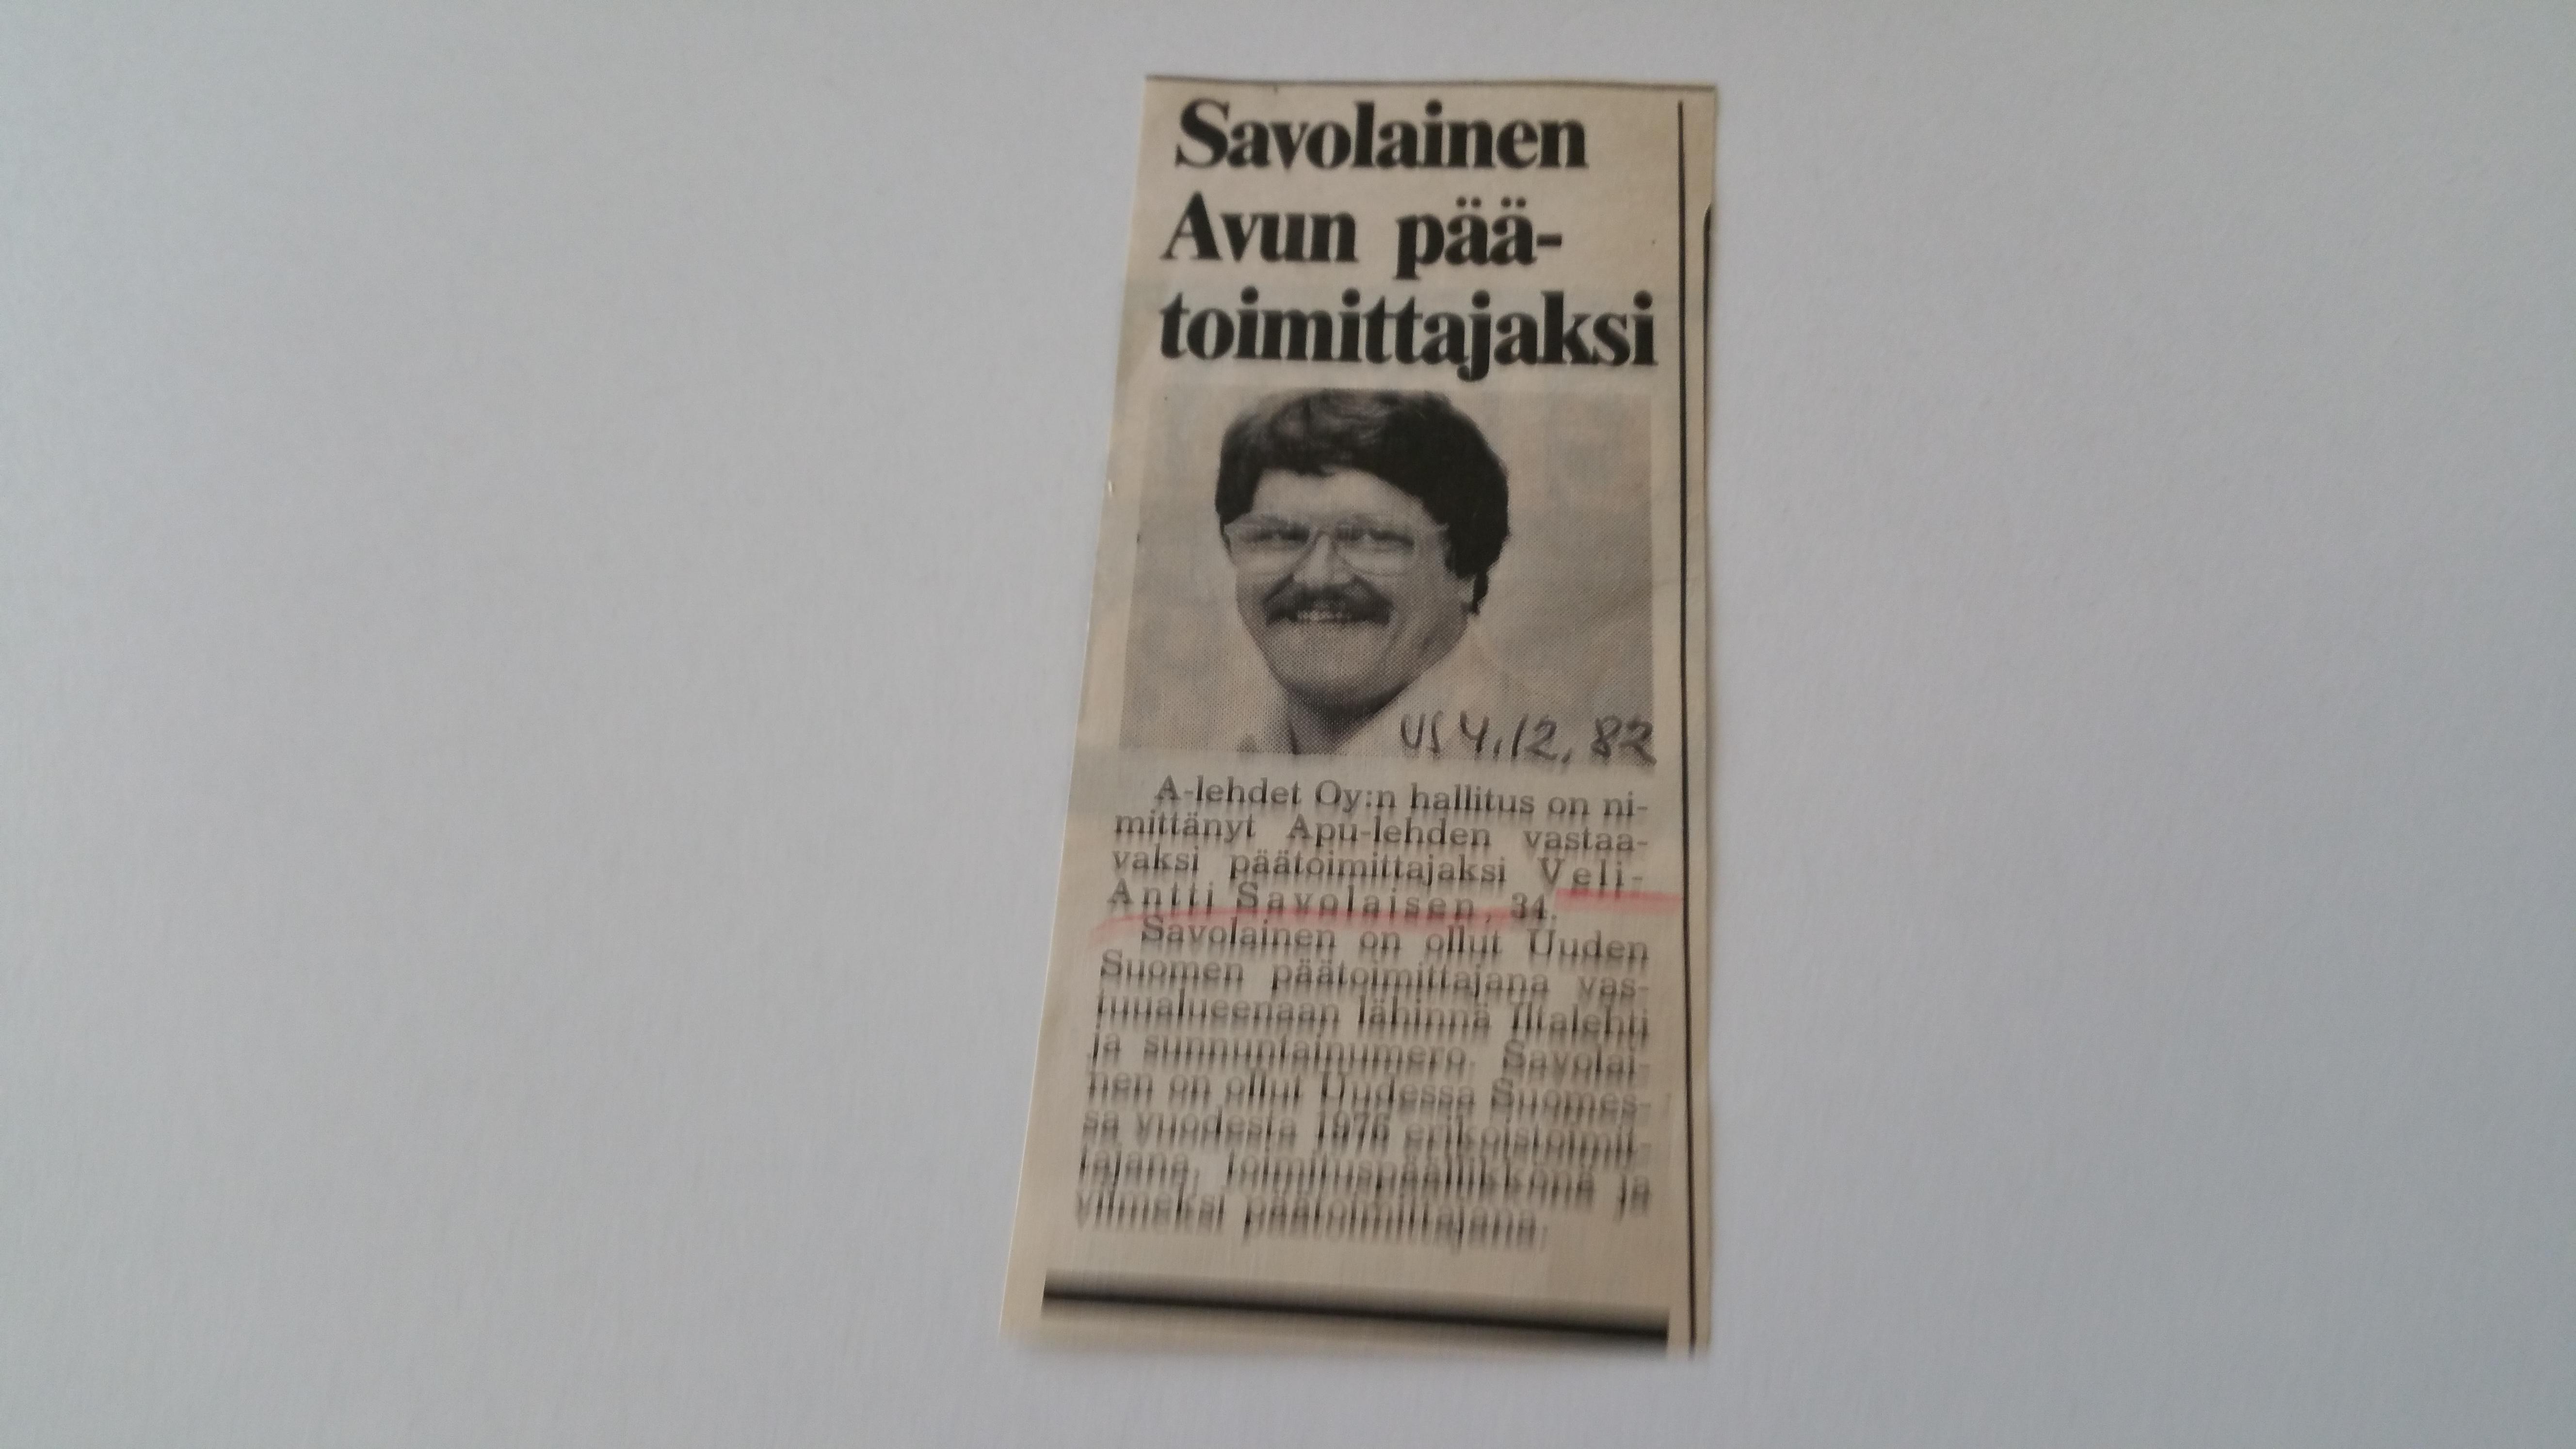 Apu lehden päätoimittaja 1983-86